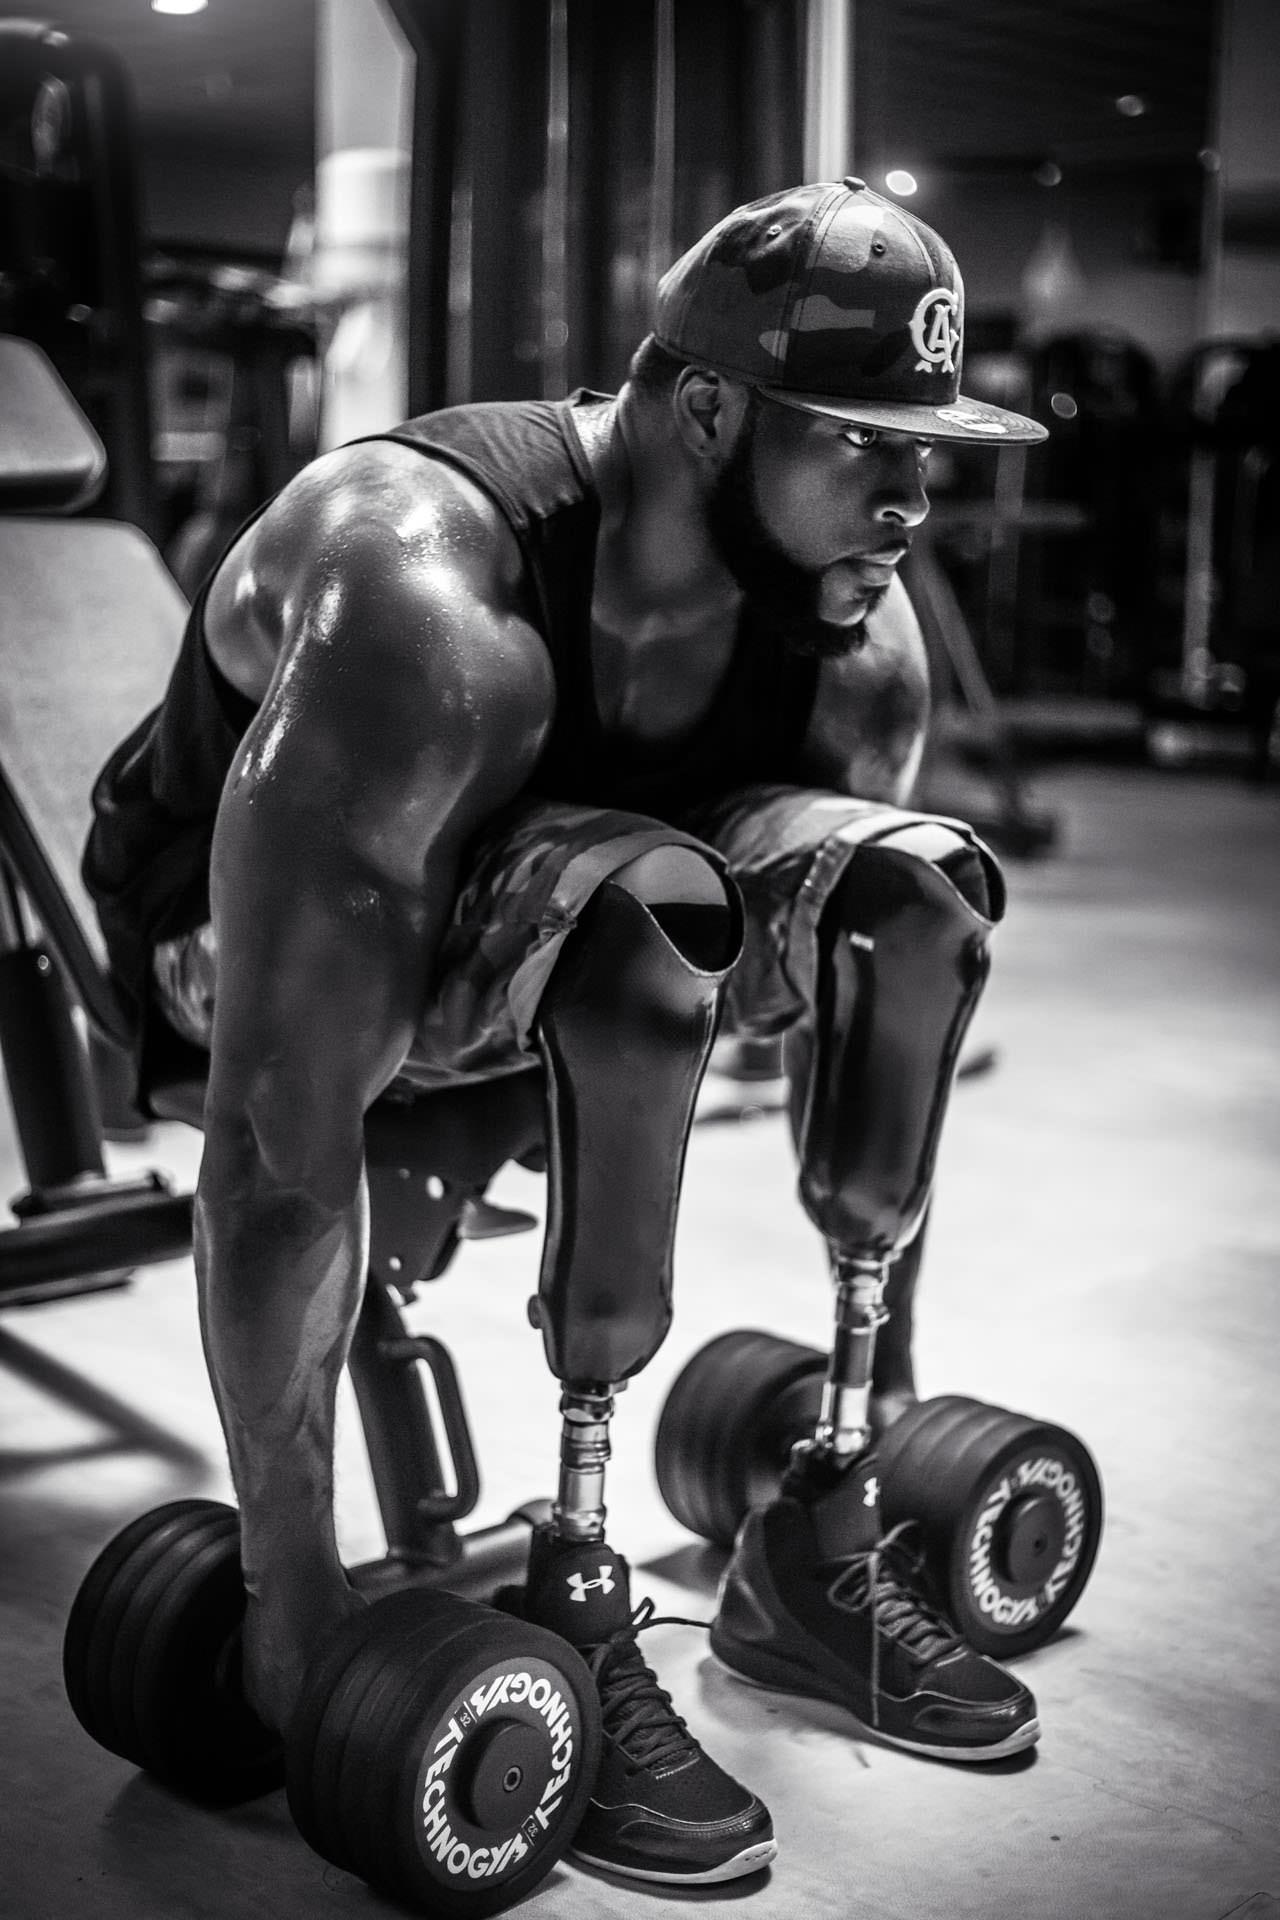 2015-08-26 - Bionic Body - ParadiForm - 7250 - 1920px